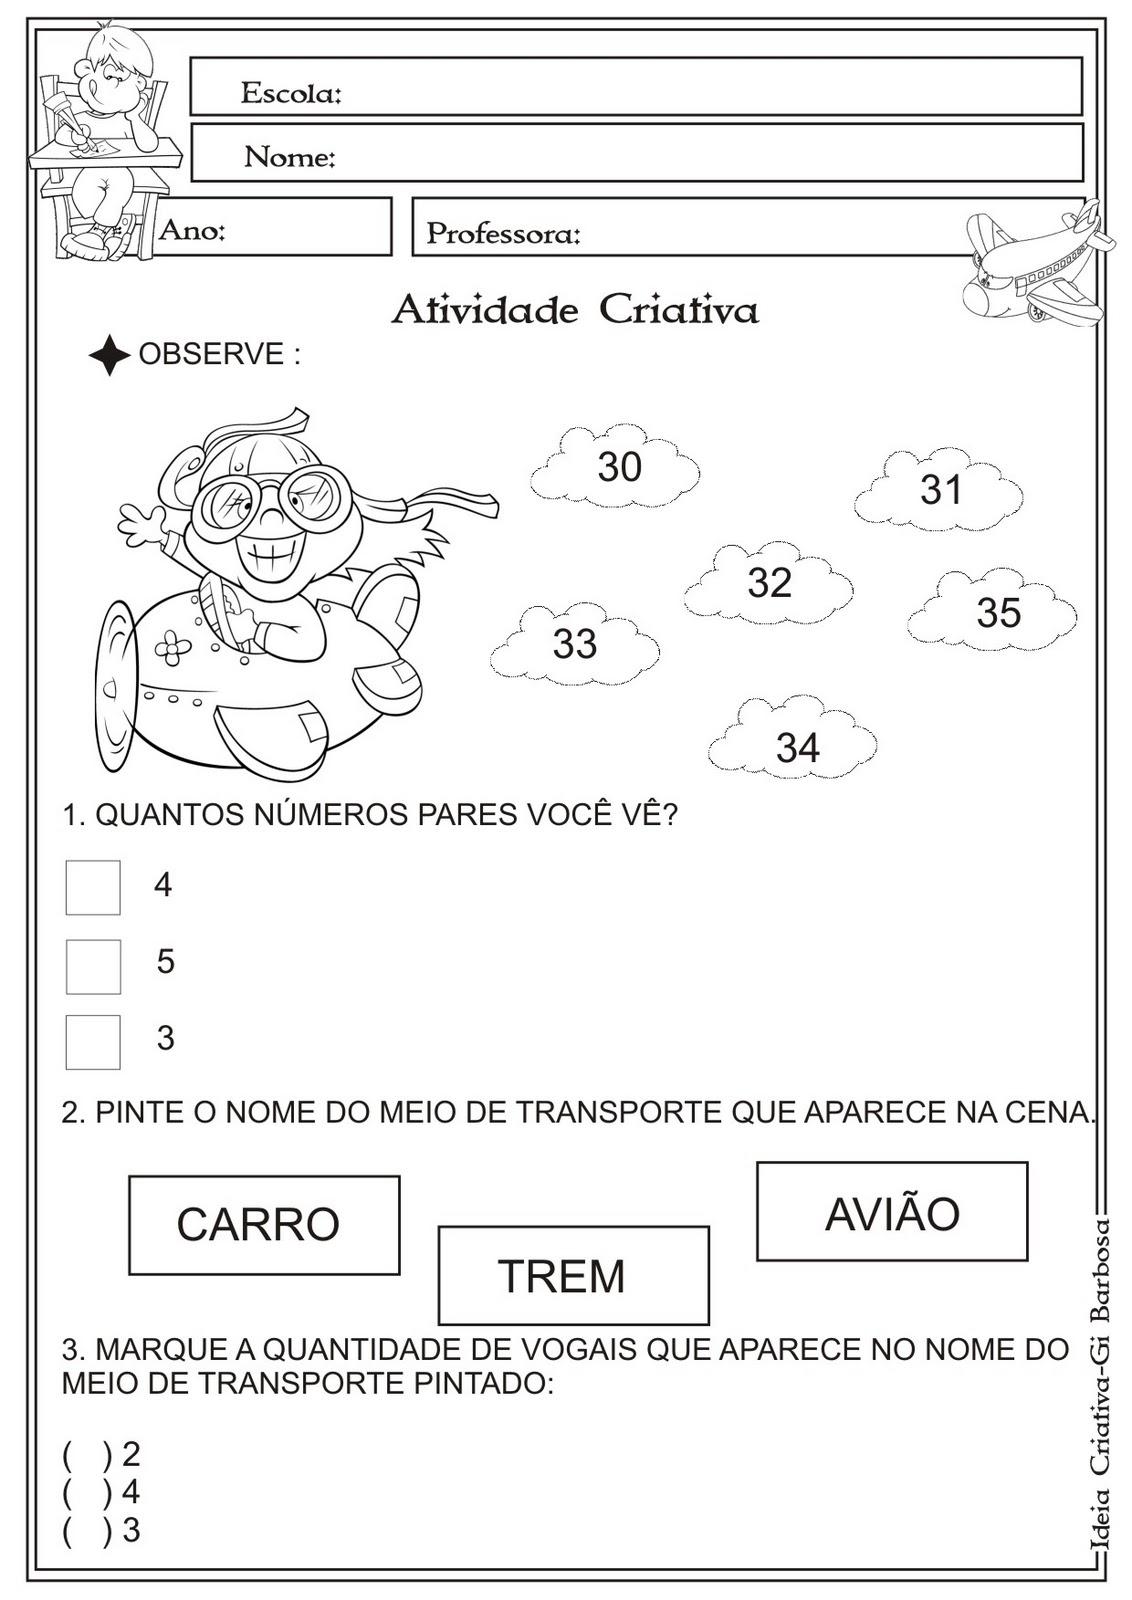 Atividade Interdisciplinar Simuladinho Números Pares Vogais e Meios de Tranporte